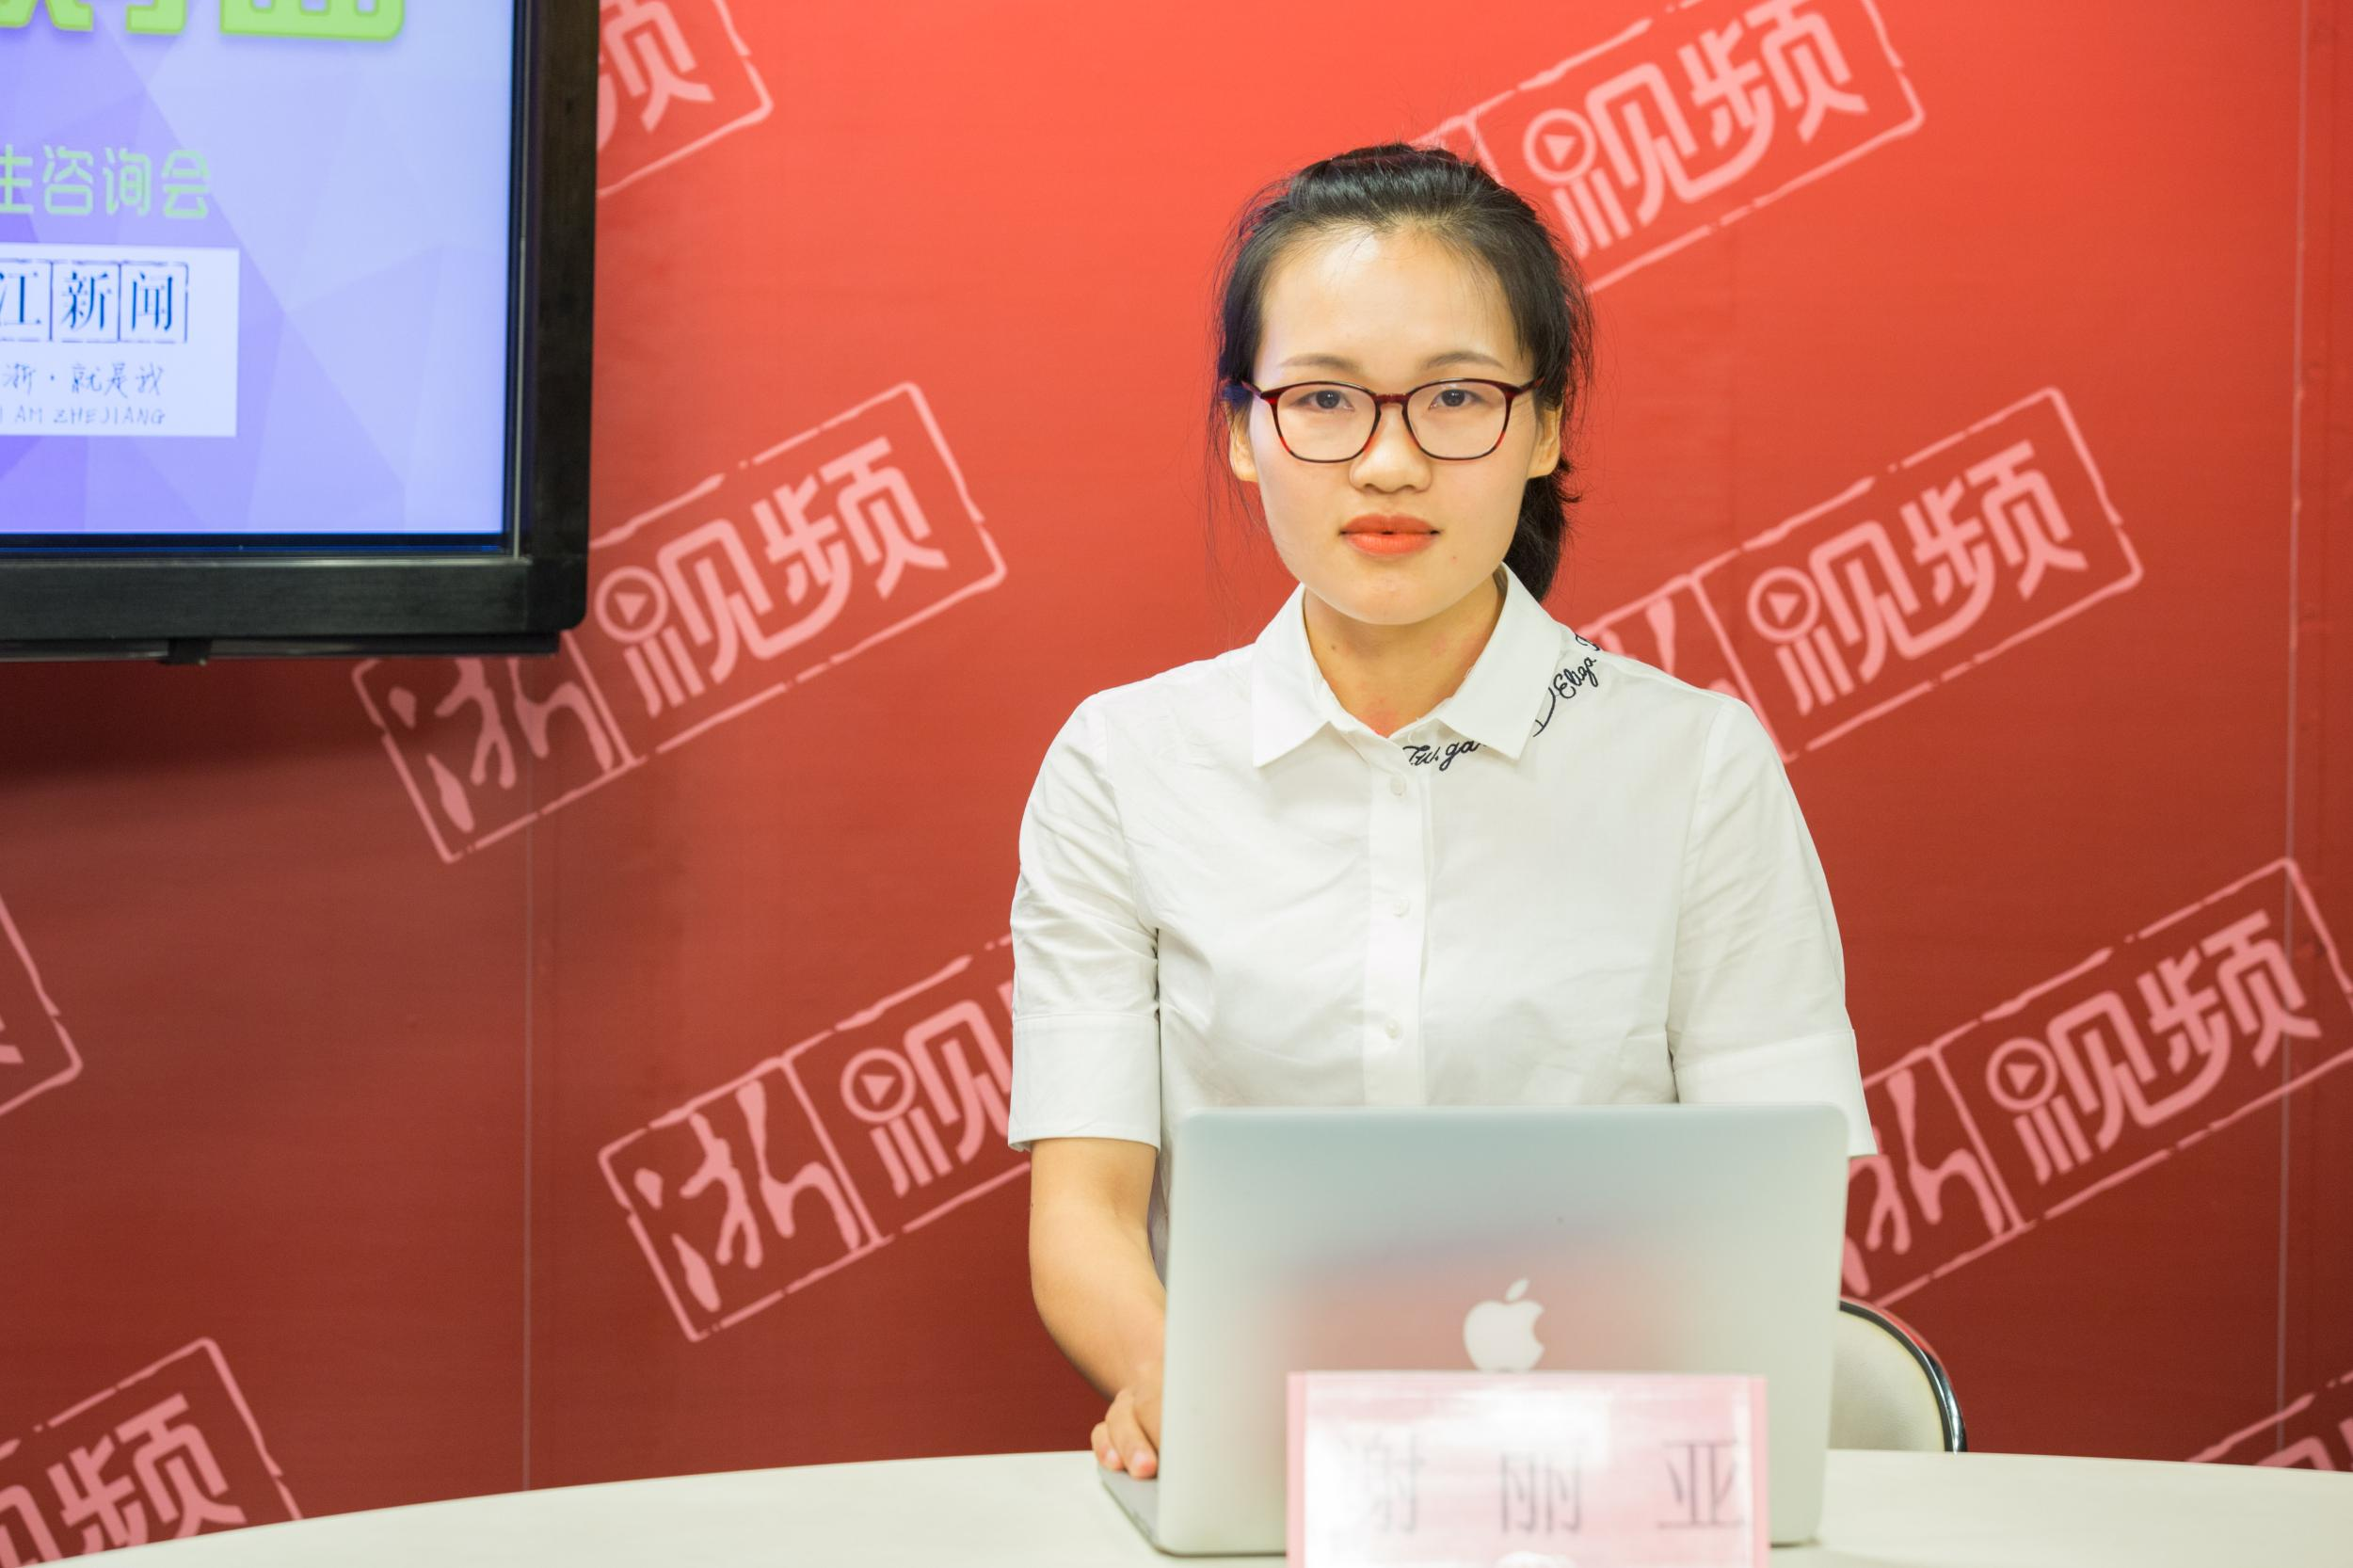 杭电信息工程学院:超过二段线65分(含)的考生 入校转专业确保转入其申请的第一志愿专业